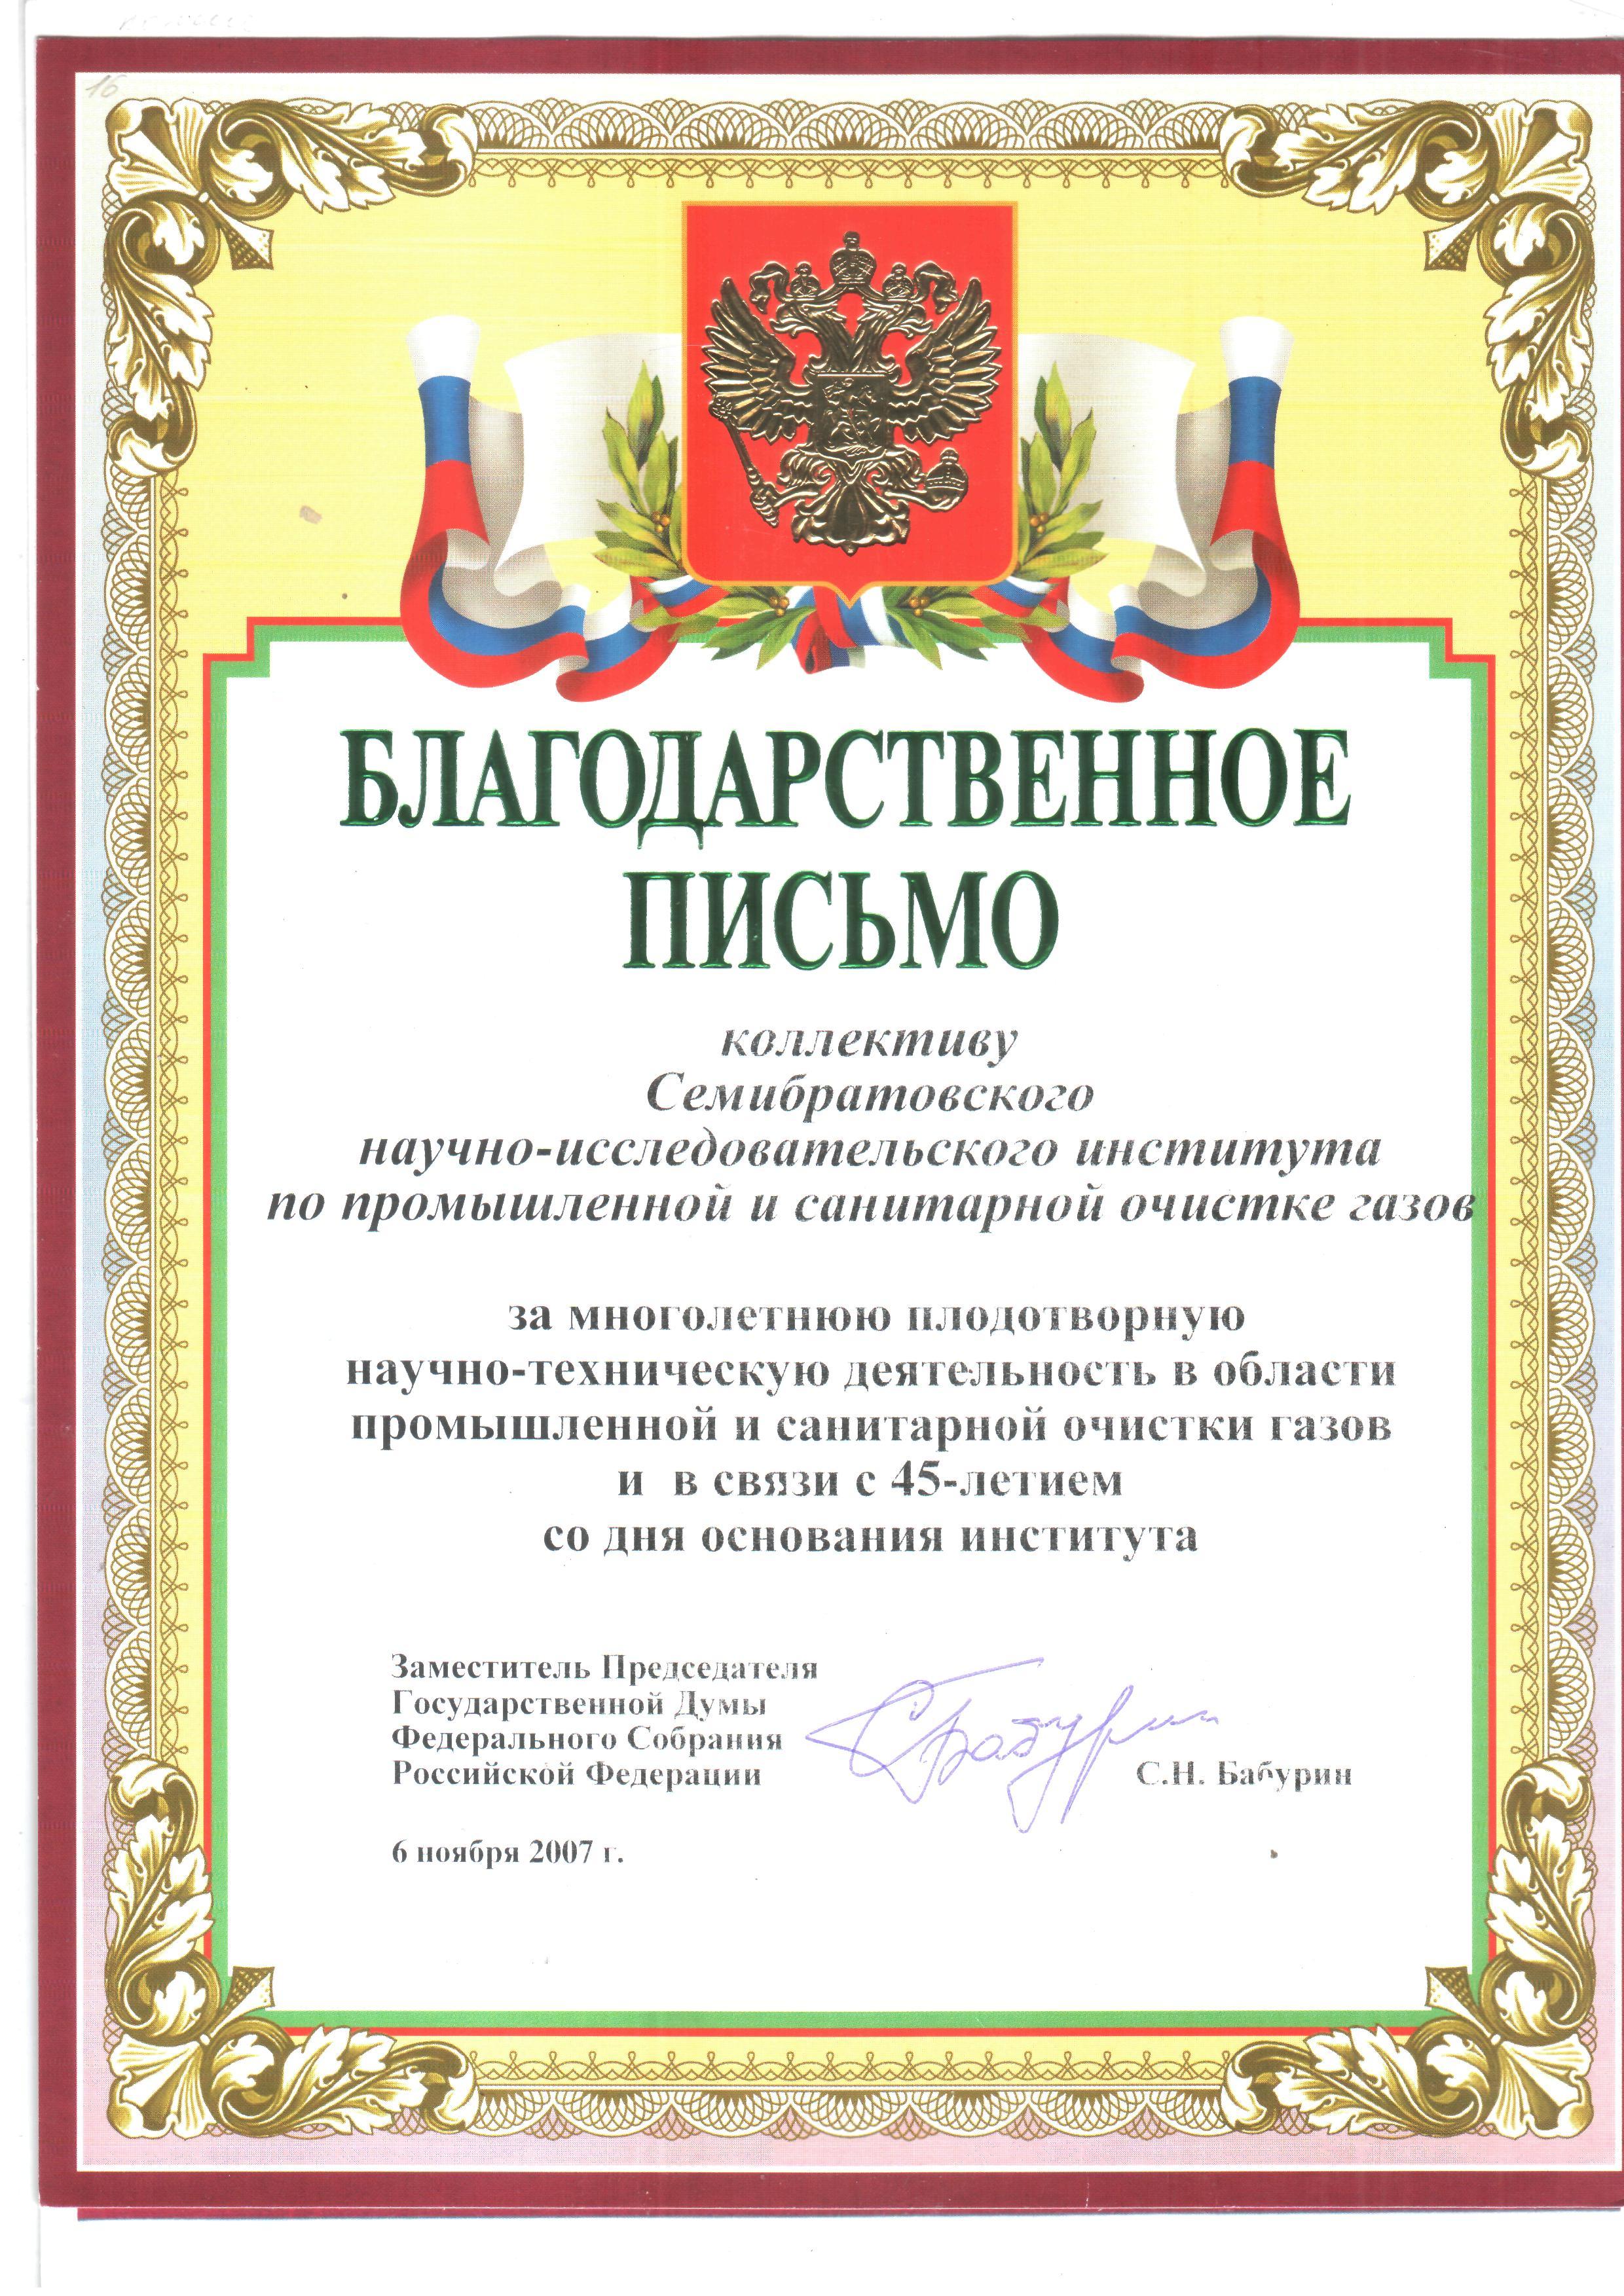 Награды дипломы Диплом и серебряная медаль vii Московского международного салона инноваций и инвестиций за разработку Горизонтальный многопольный